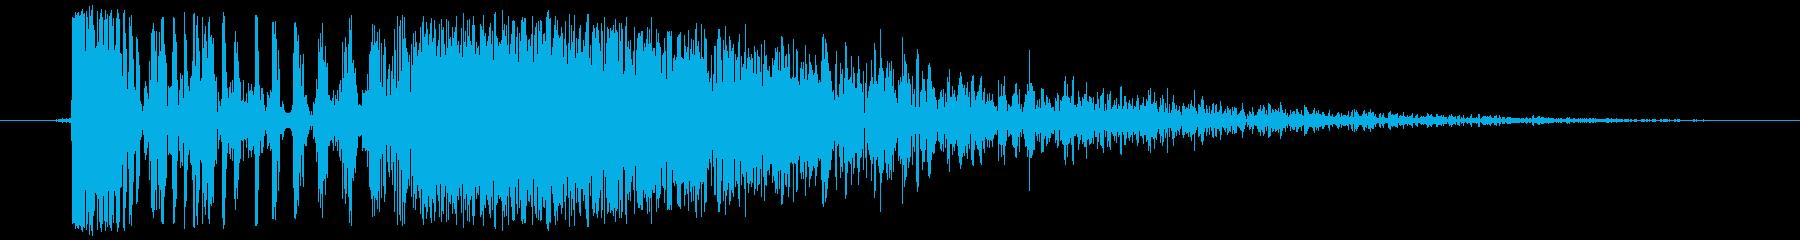 『打撃音/ビシィッ!』格闘ゲームで使わ…の再生済みの波形